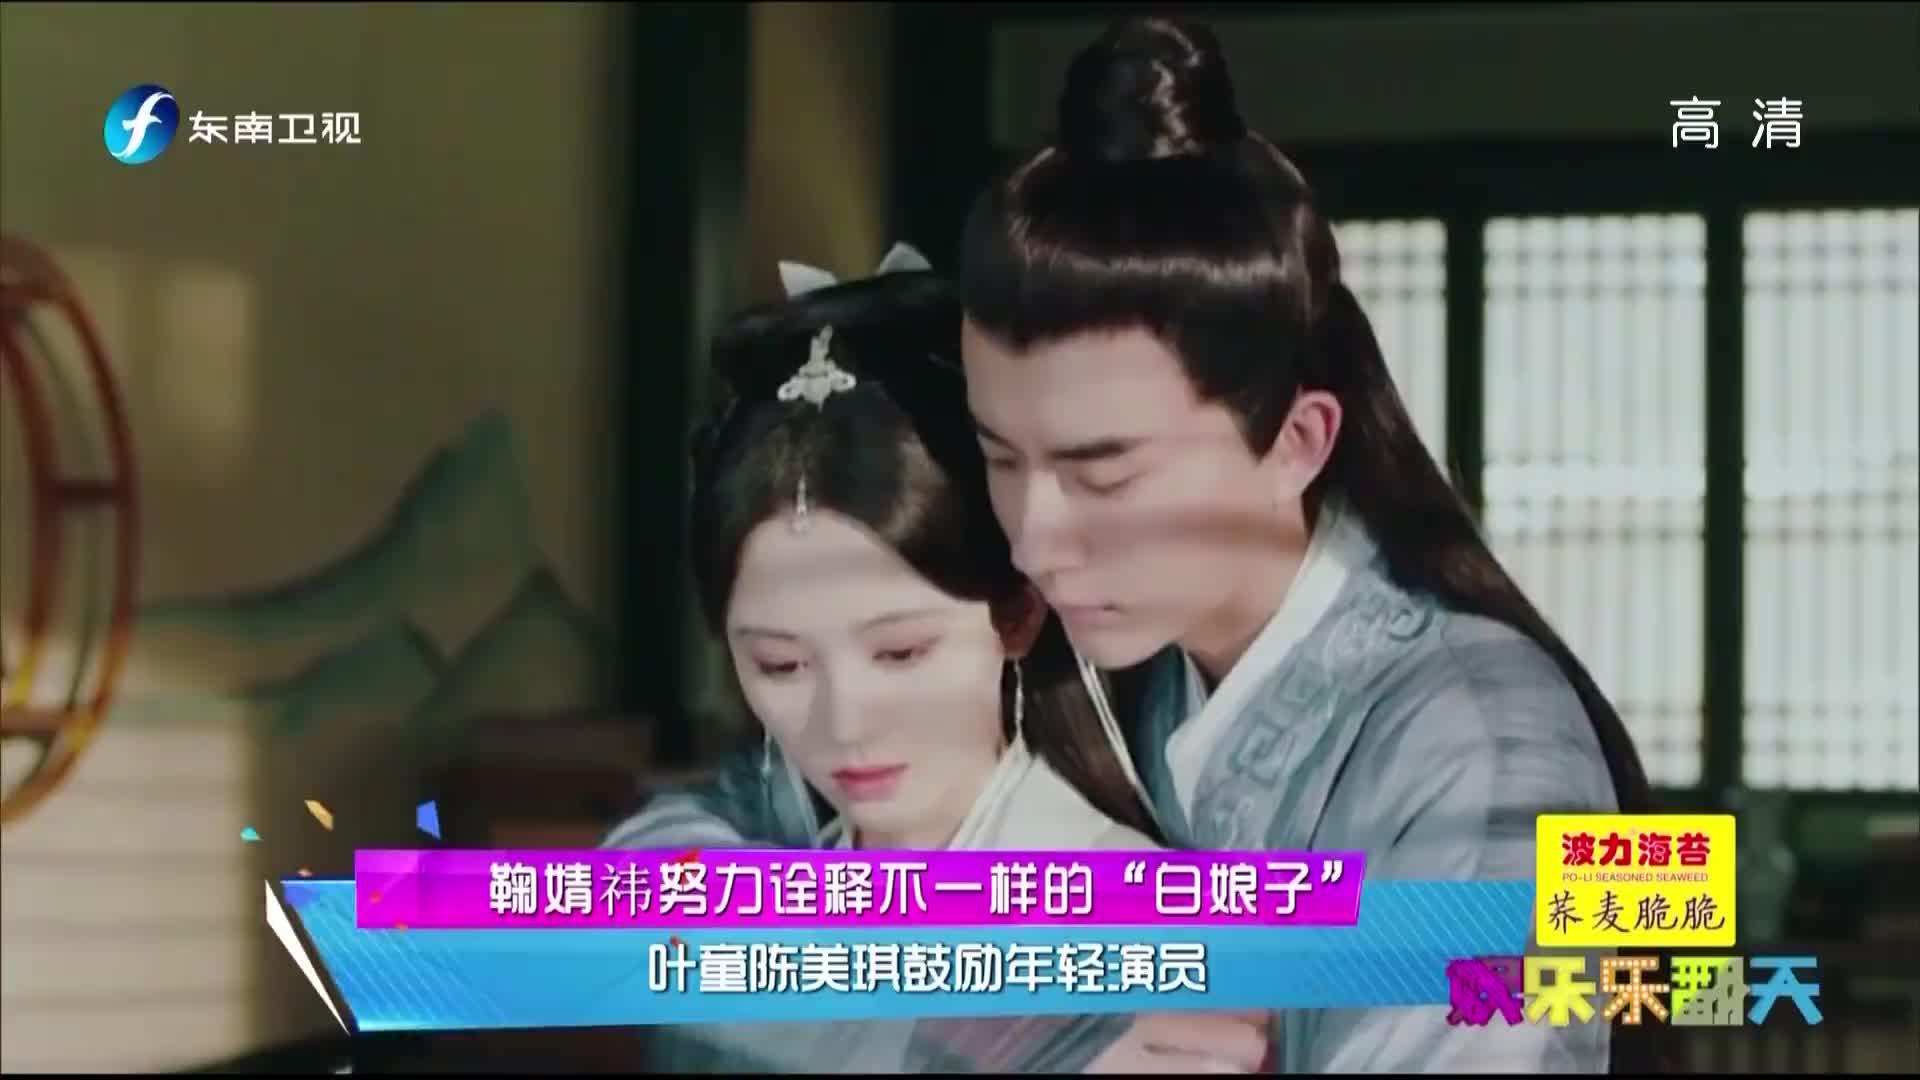 """[视频]鞠婧祎努力诠释不一样的""""白娘子"""" 叶童陈美琪鼓励年轻演员"""